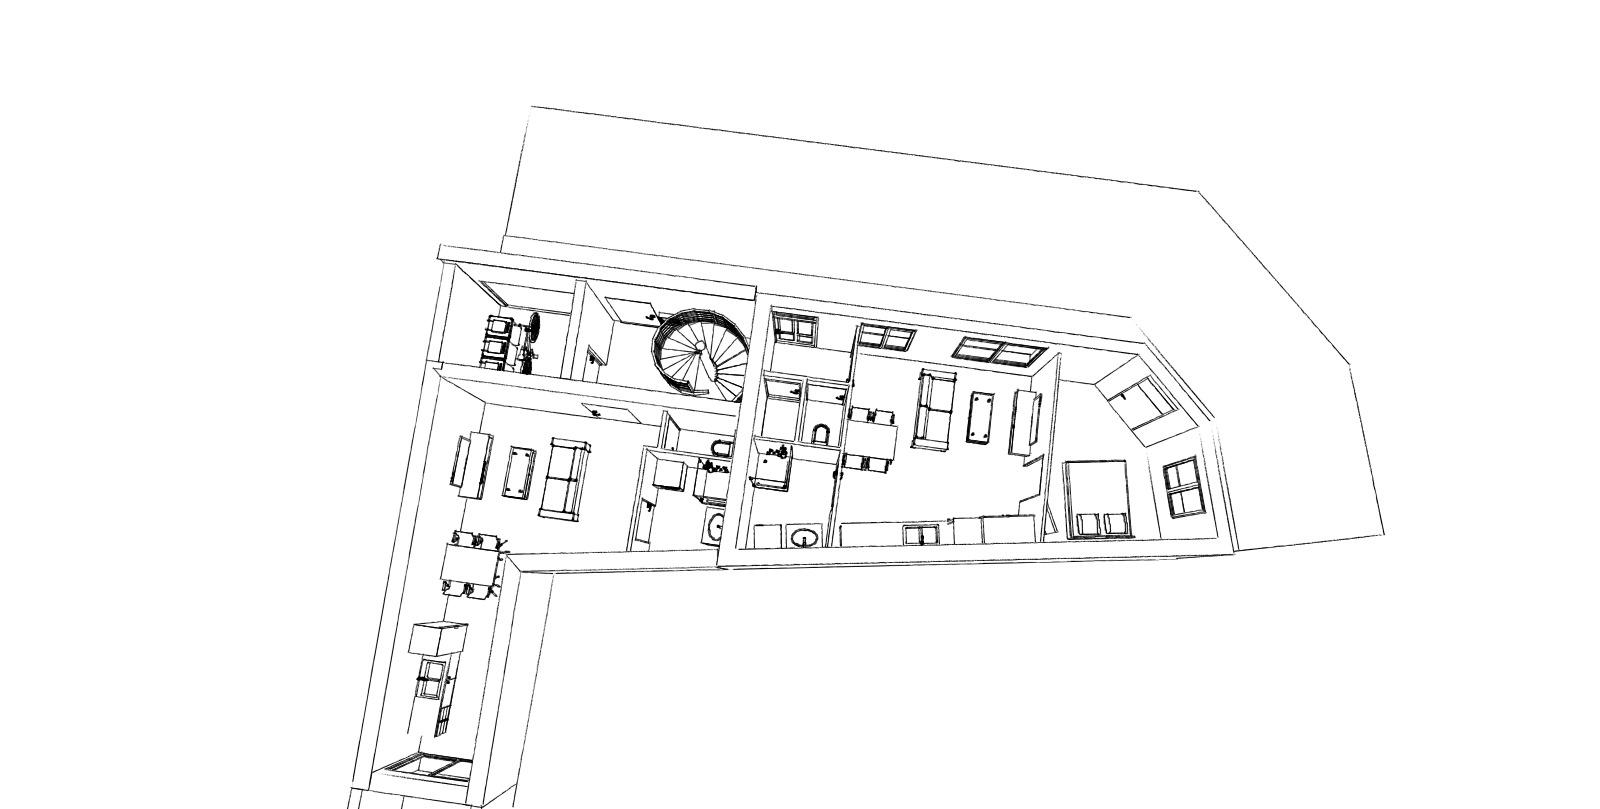 16.33 permis de construire division maison Lille5